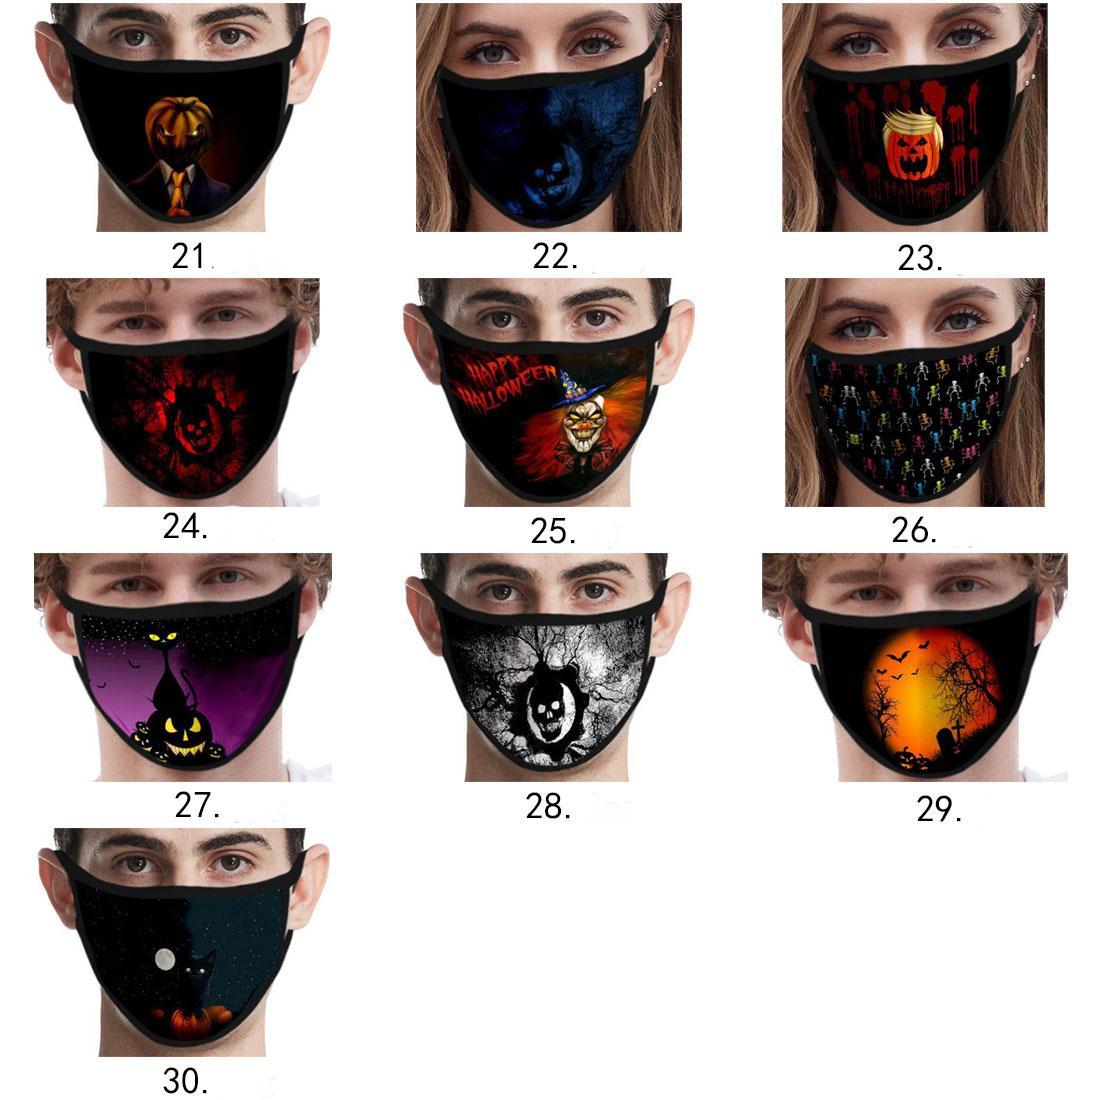 La moda de Halloween divertida personalizada máscara masque decoraciones de Navidad de dibujos animados para adultos máscaras de algodón reutilizable mascherina máscara lavable libre de DHL